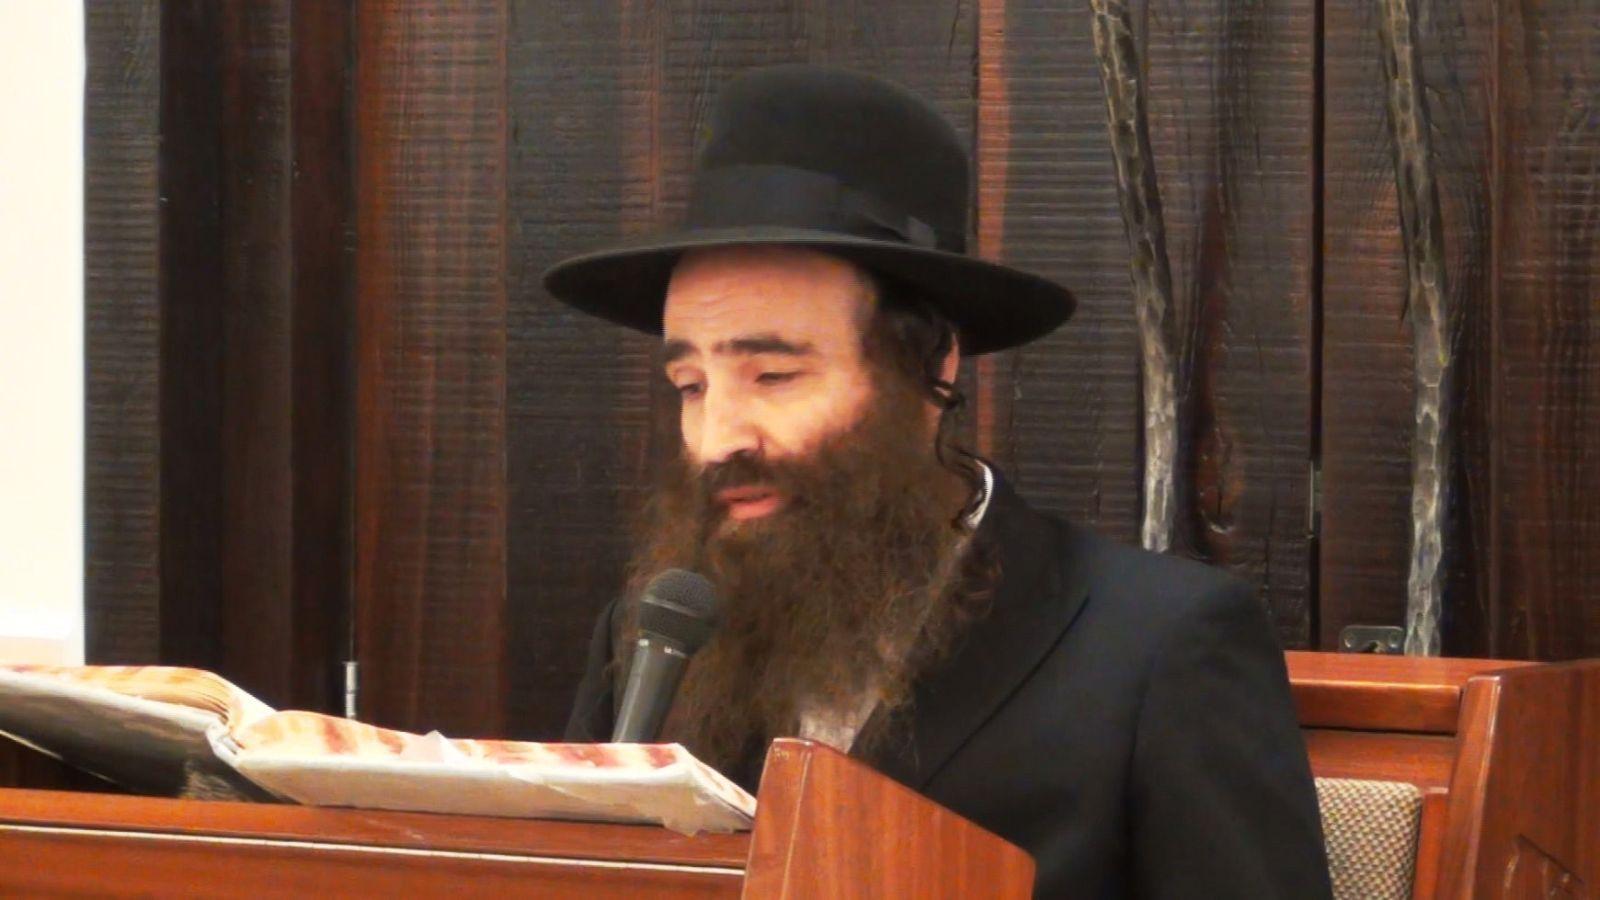 הרב שלמה עופר במגדל העמק לערב מיוחד עם משפחת אטיאס